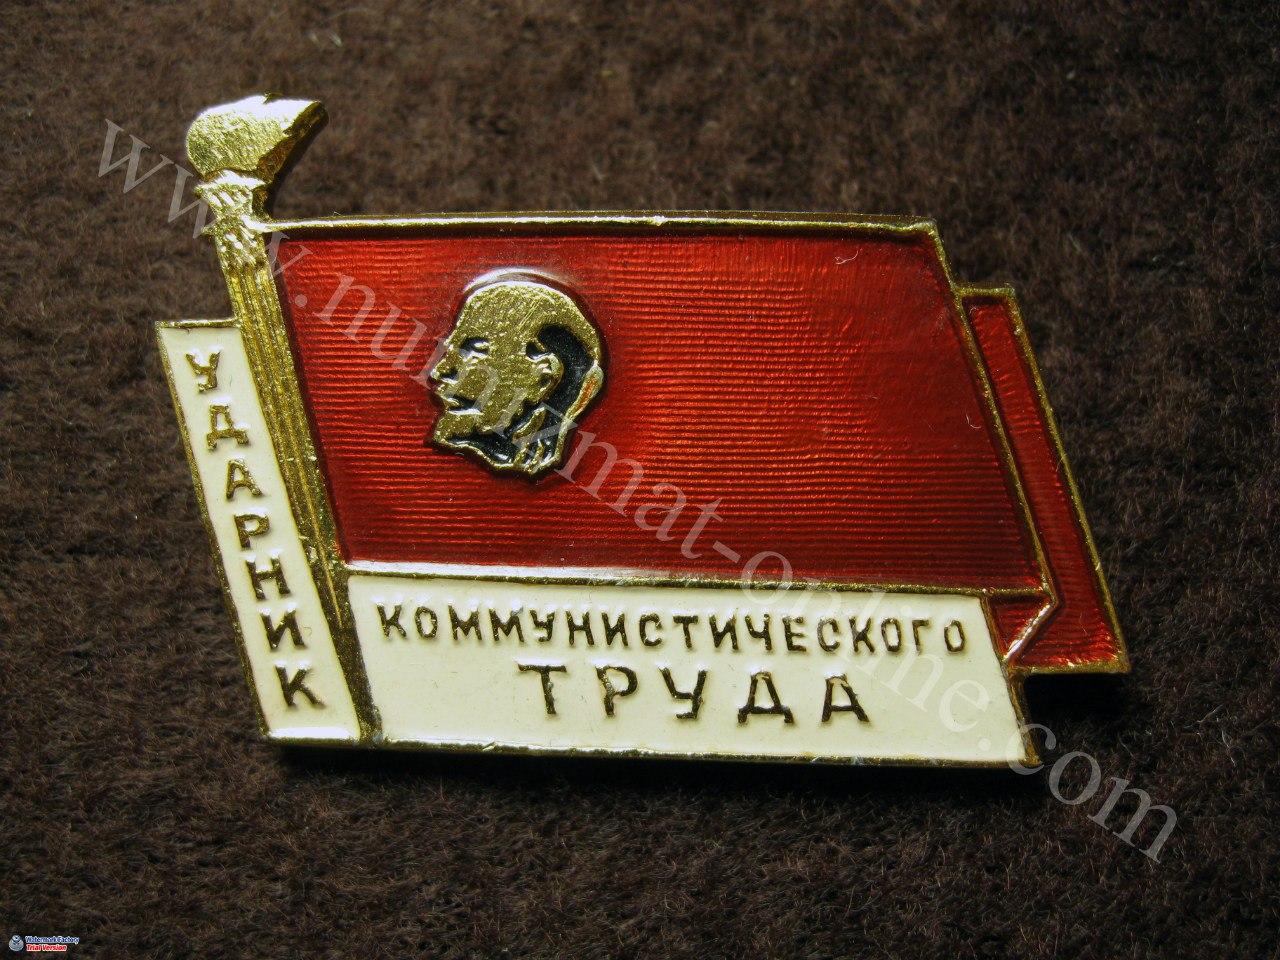 Ударник Коммунистического труда. Булавочное крепление